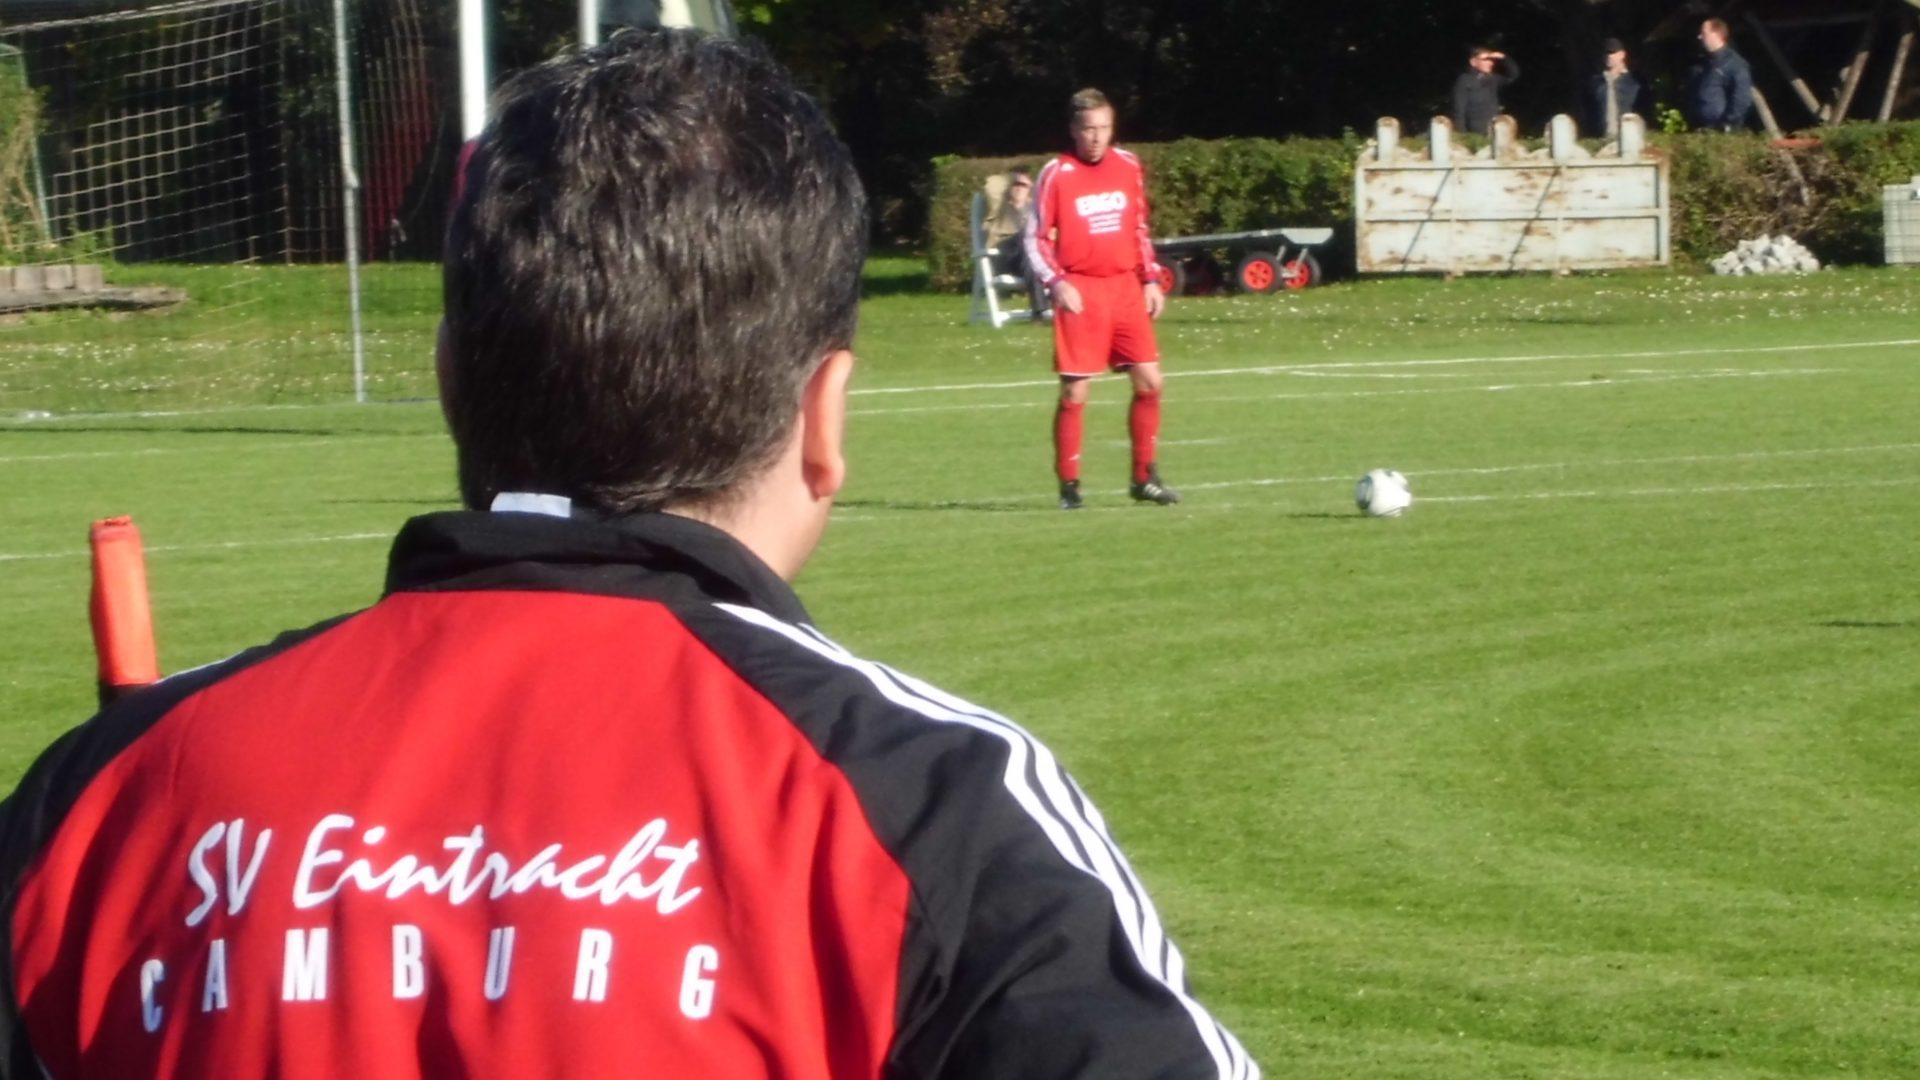 Sv Eintracht Camburg